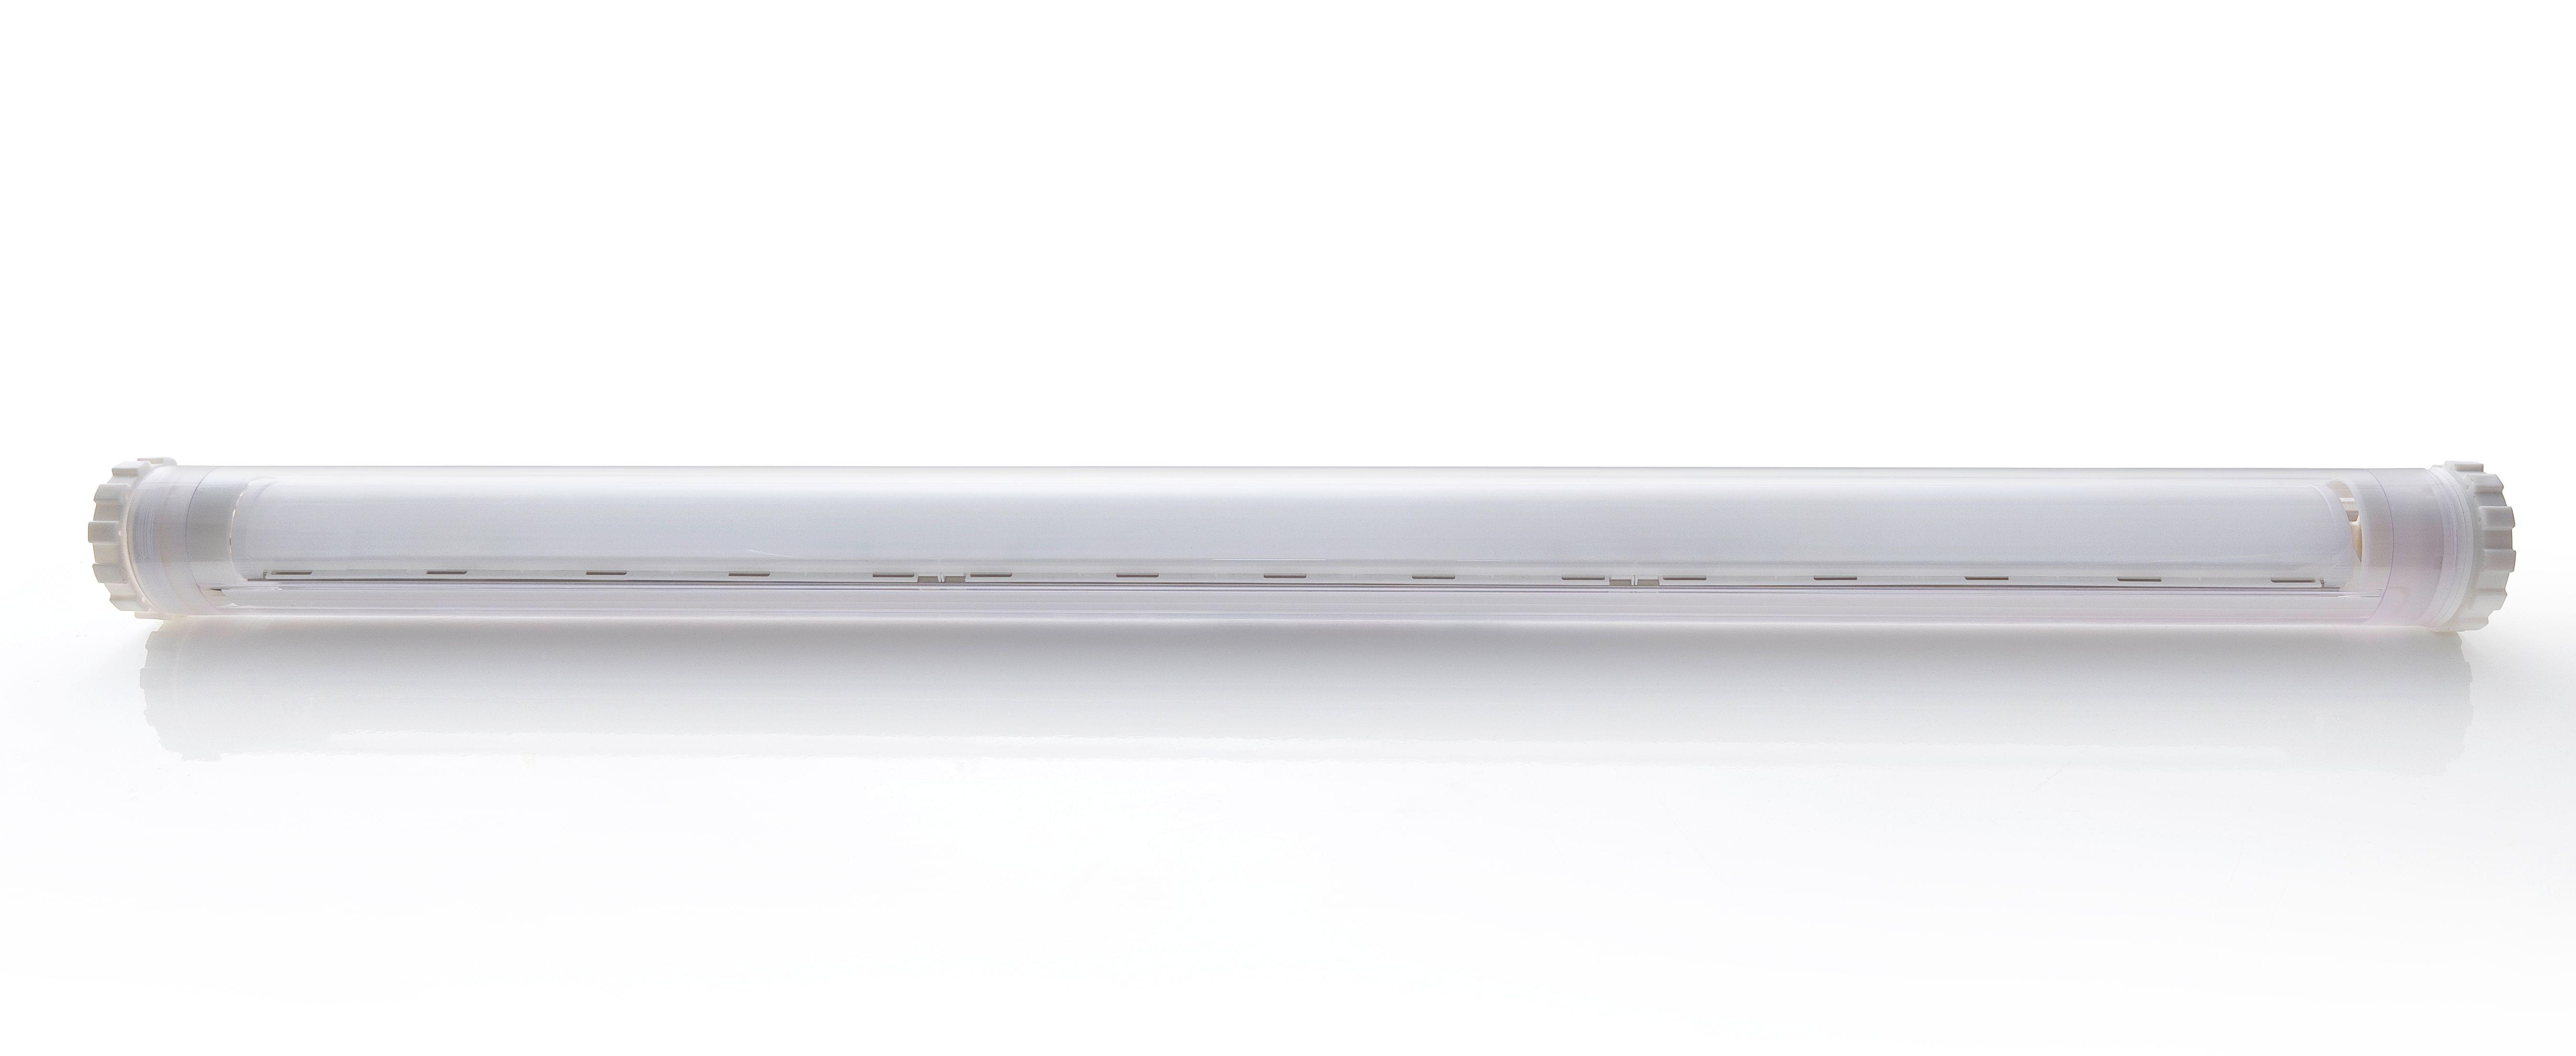 Serie 32: 25 Watt/ 110-277 Volt/ 680 mm/ 4000K/ Boro mit Halterungen